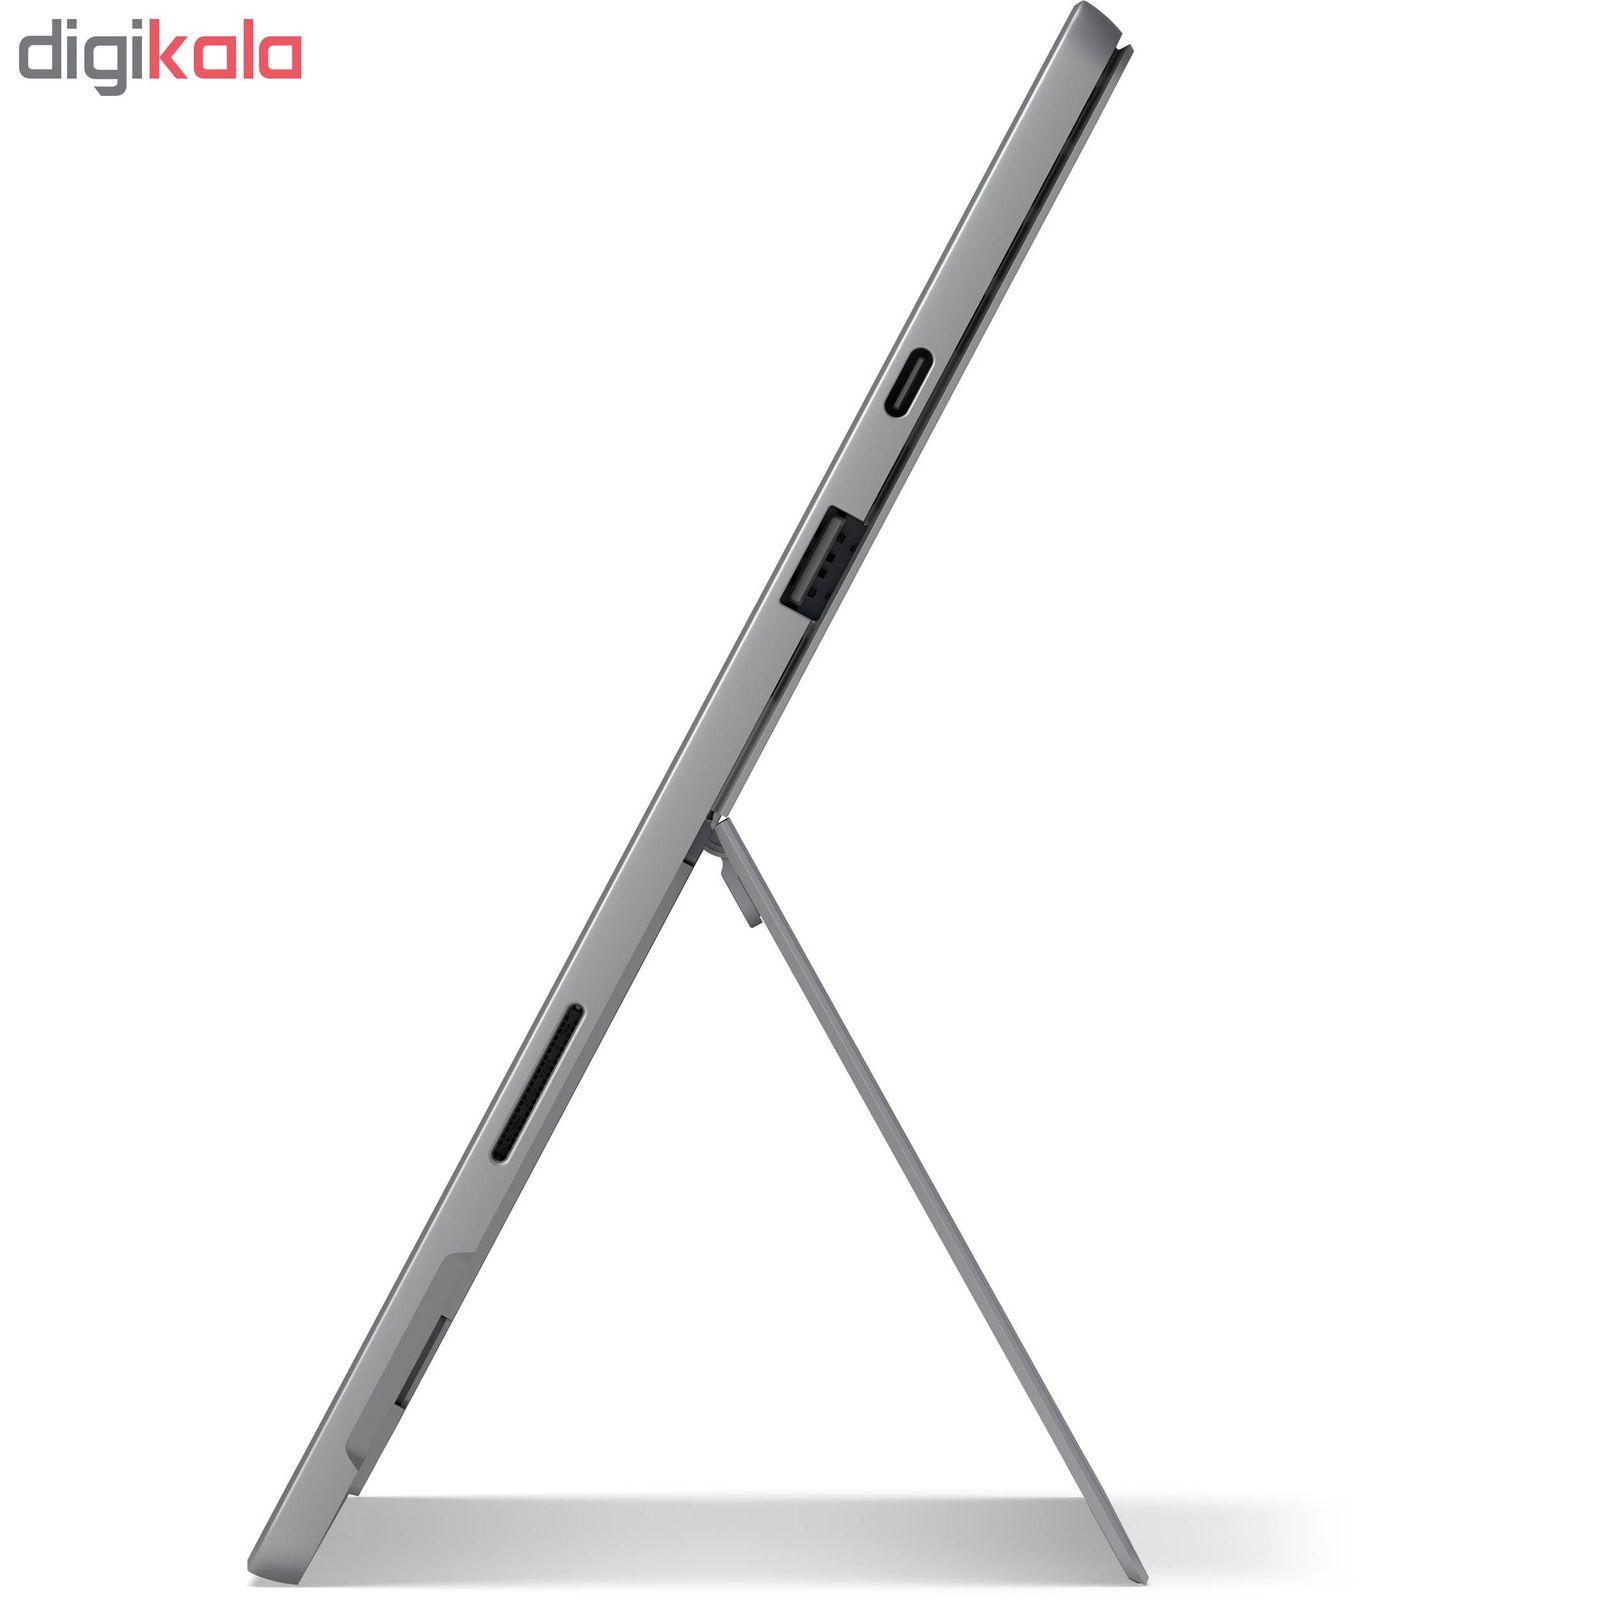 تبلت مایکروسافت مدل Surface Pro 7 - A ظرفیت 128 گیگابایت main 1 3